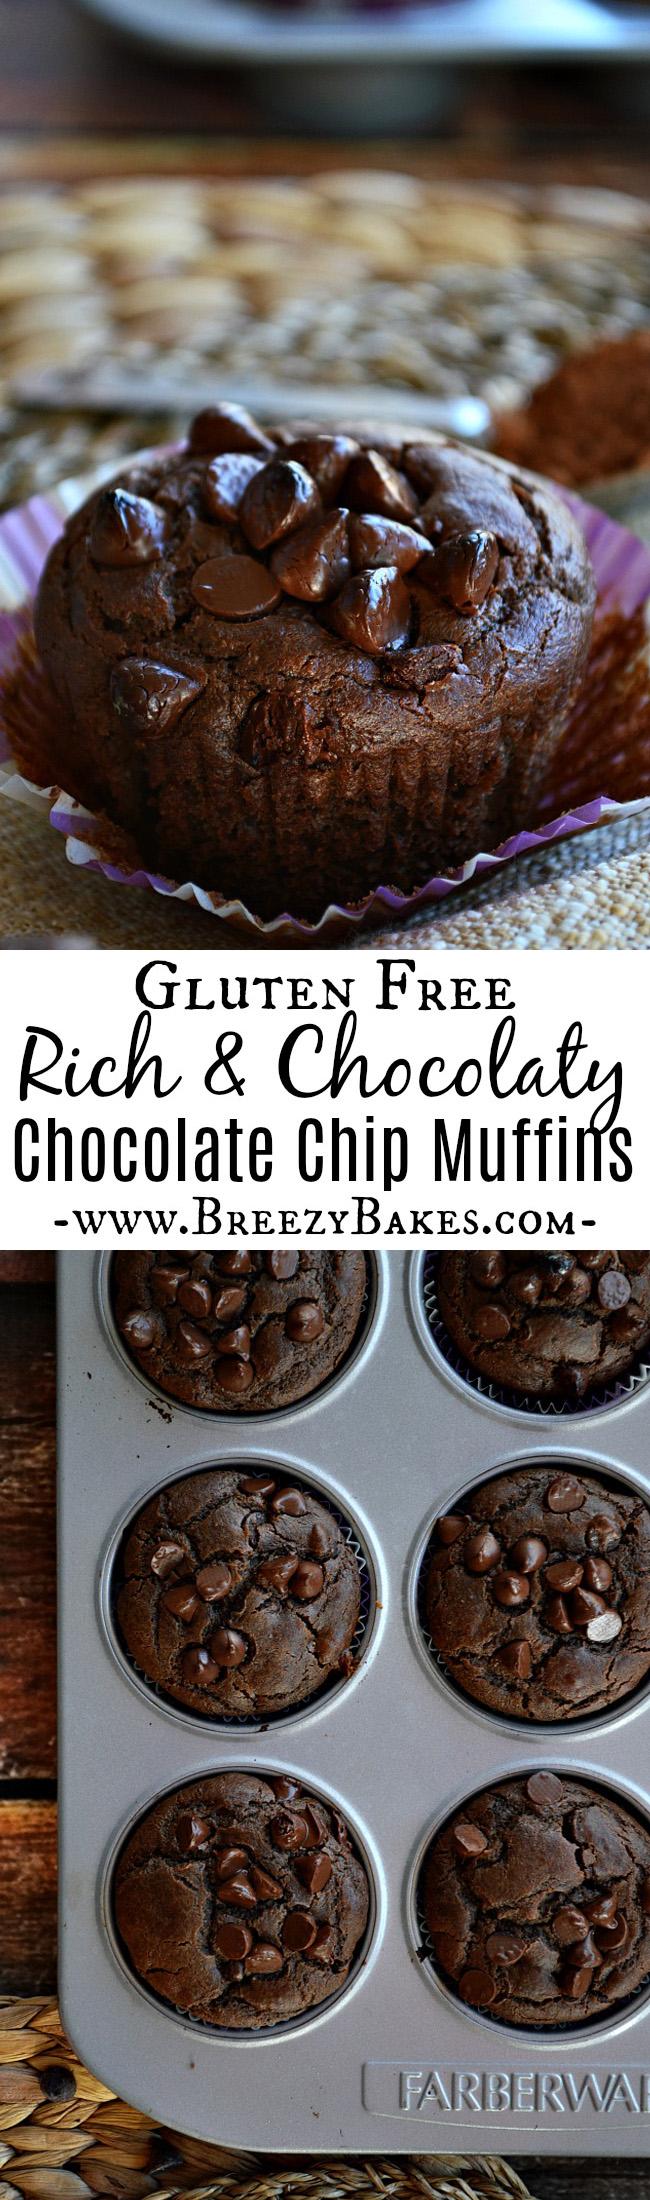 Gluten Free Dark Chocolate Muffins Breezy Bakes